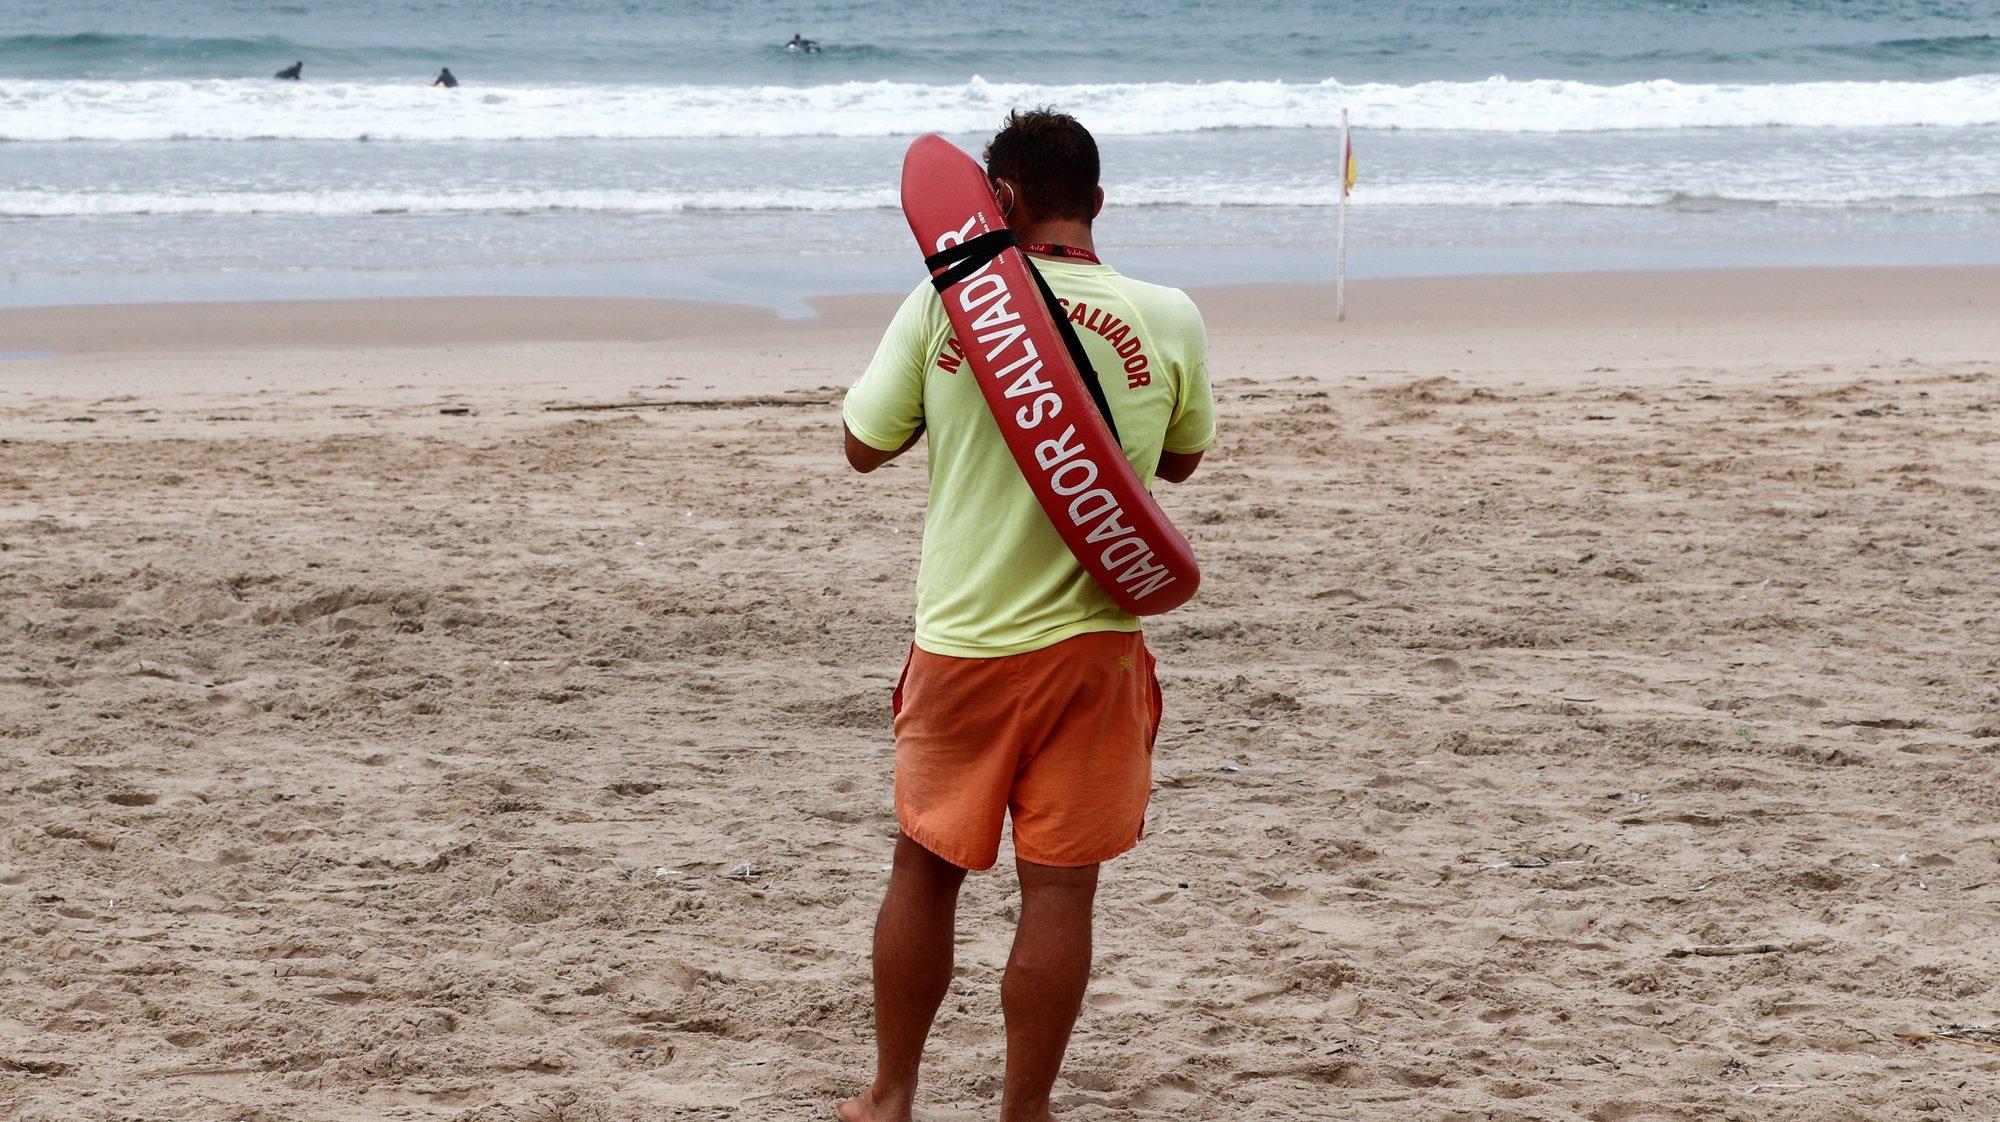 Um nadador salvador assiste à formação nas áreas do resgate e salvamento aquático e Suporte Básico de Vida, numa praia da Costa da Caparica, Almada, 23 de setembro de 2020. ANTÓNIO COTRIM/LUSA